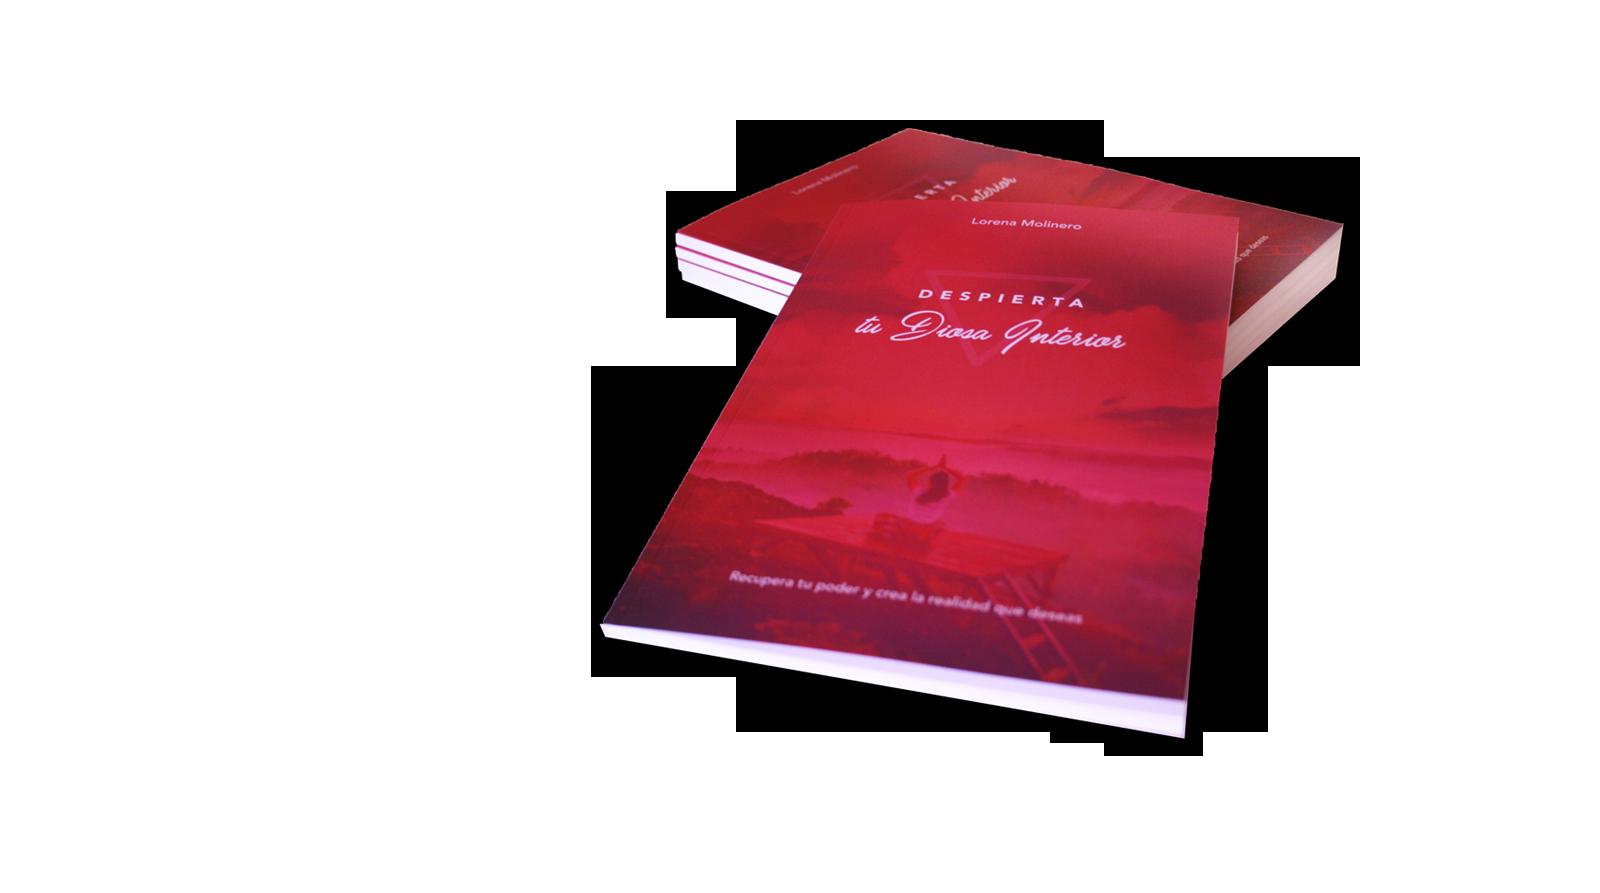 LIBRO DESPIERTA TU DIOSA INTERIOR 3